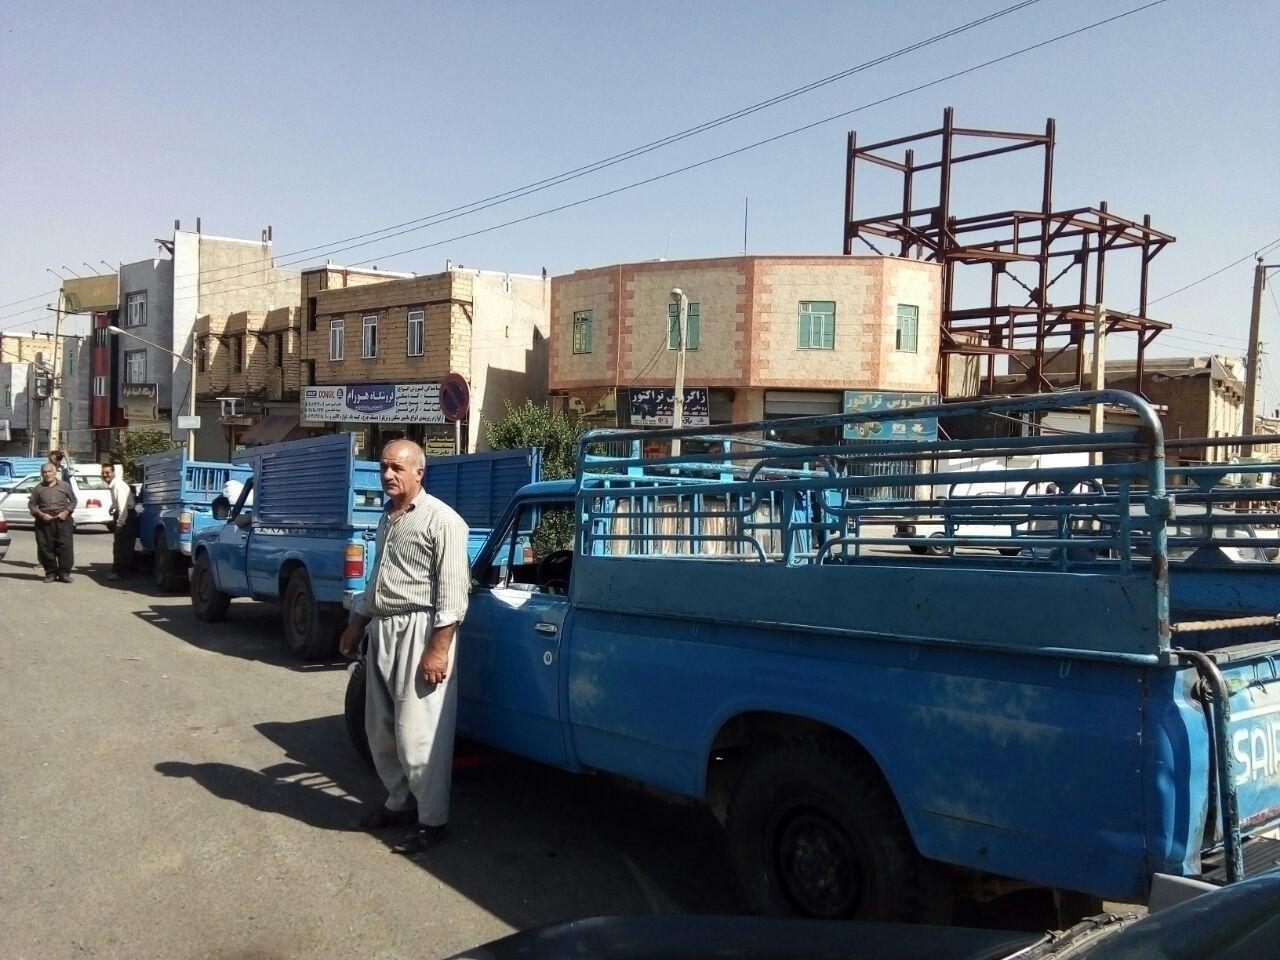 واریز وجه سهمیه بنزین وانت بارها در انتظار تایید وزارت کشور